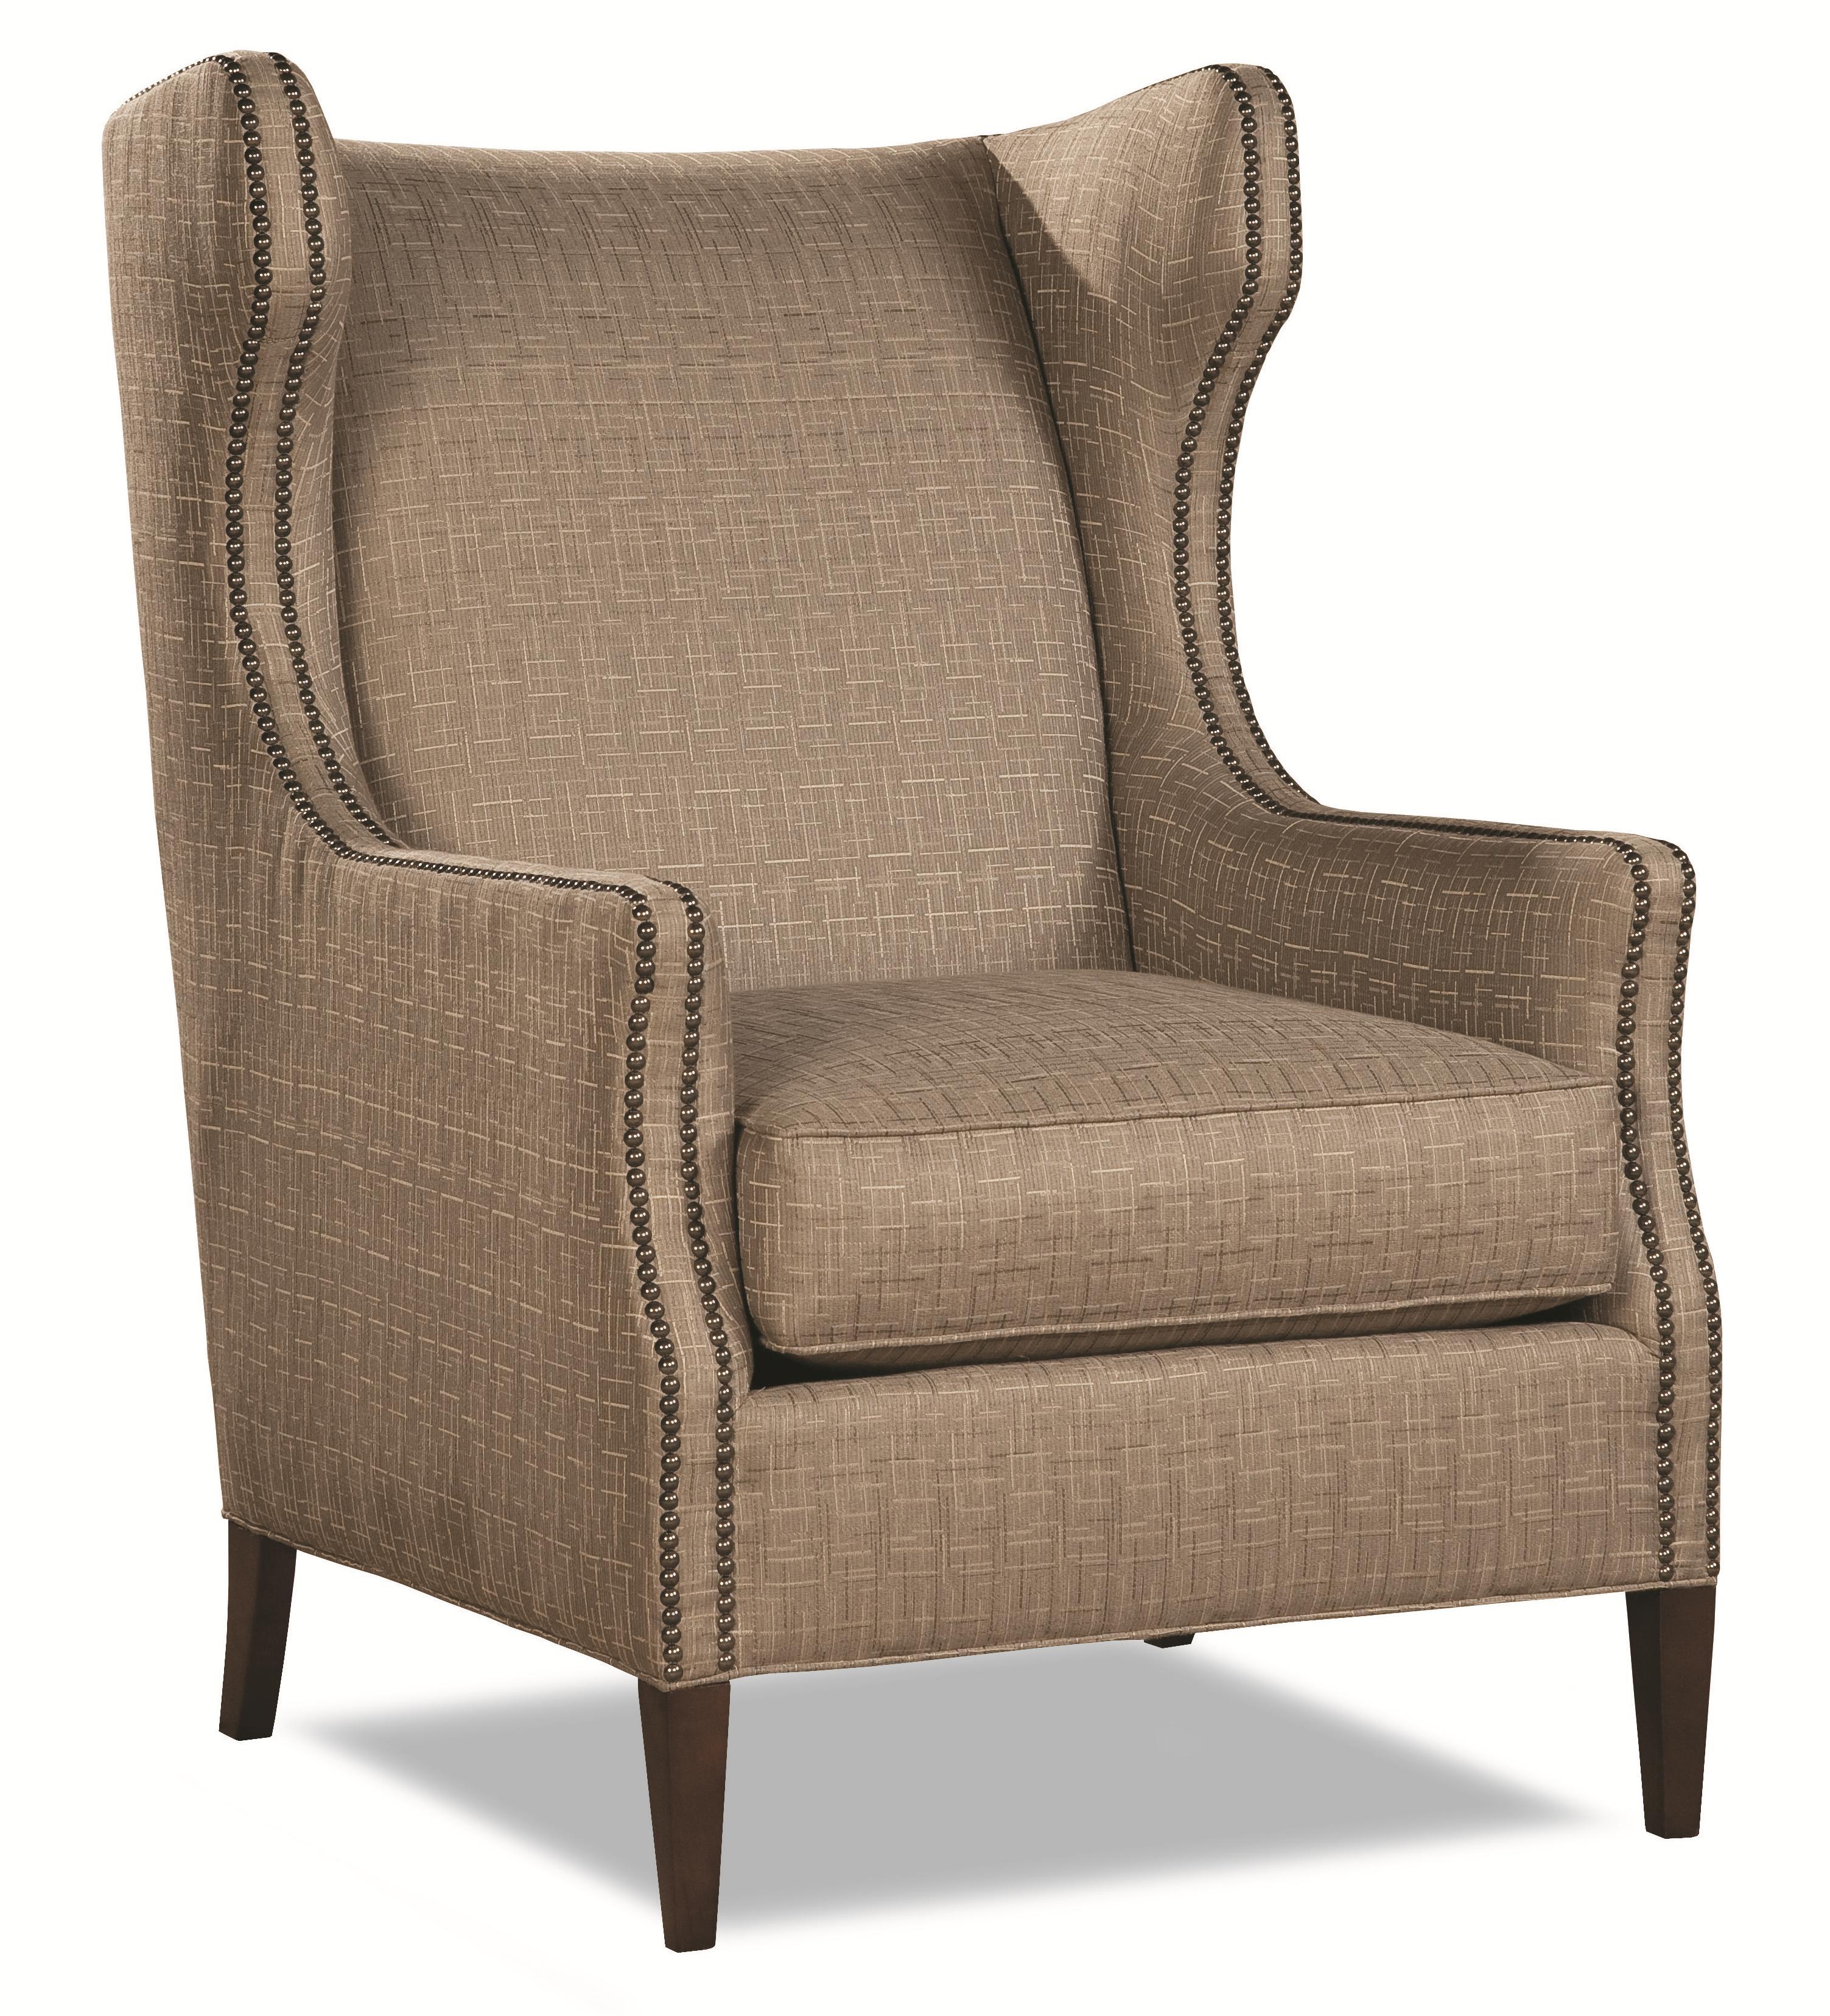 7446 Chair by Geoffrey Alexander at Sprintz Furniture